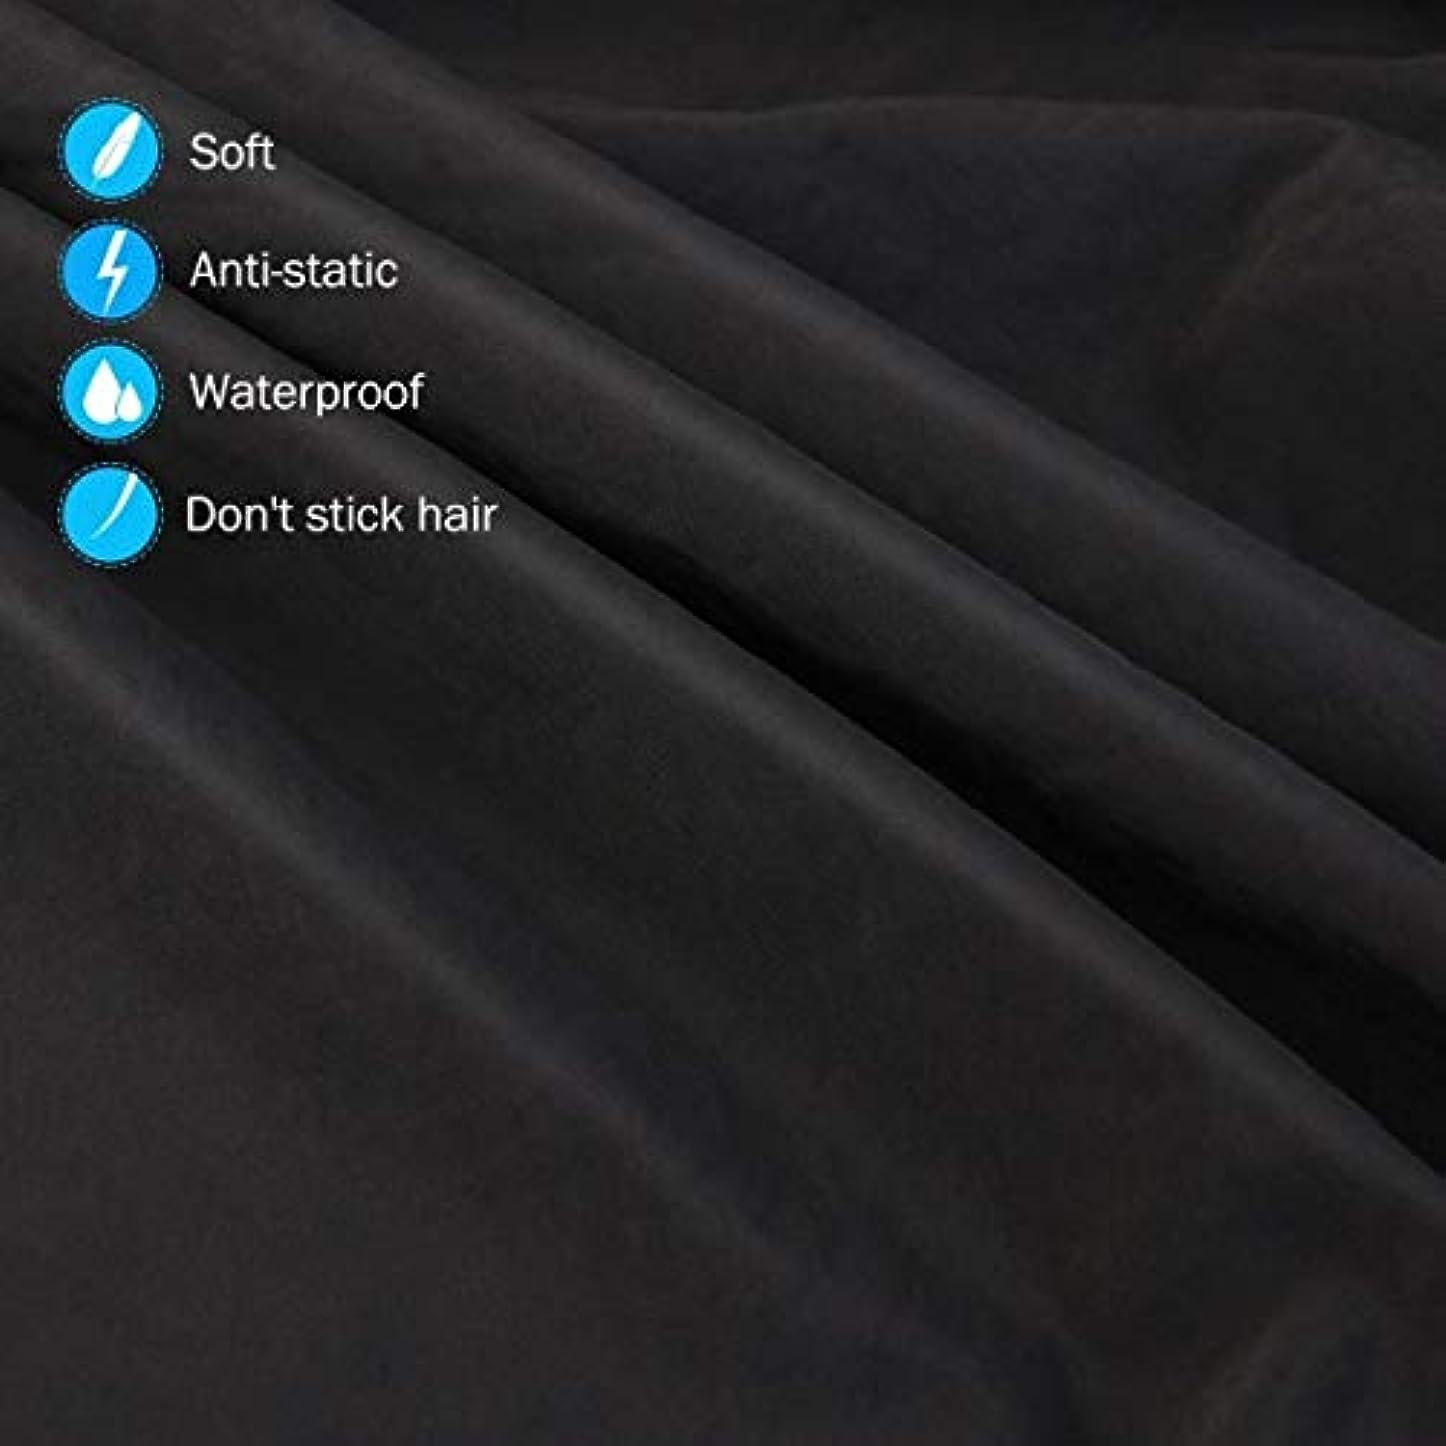 ペインティング逃れる提供するHIZLJJ 大広間の家の理髪師の観覧の窓が付いている理髪ケープのガウン毛の切断のための目に見える観覧の窓が付いている防水大広間のガウンのエプロン